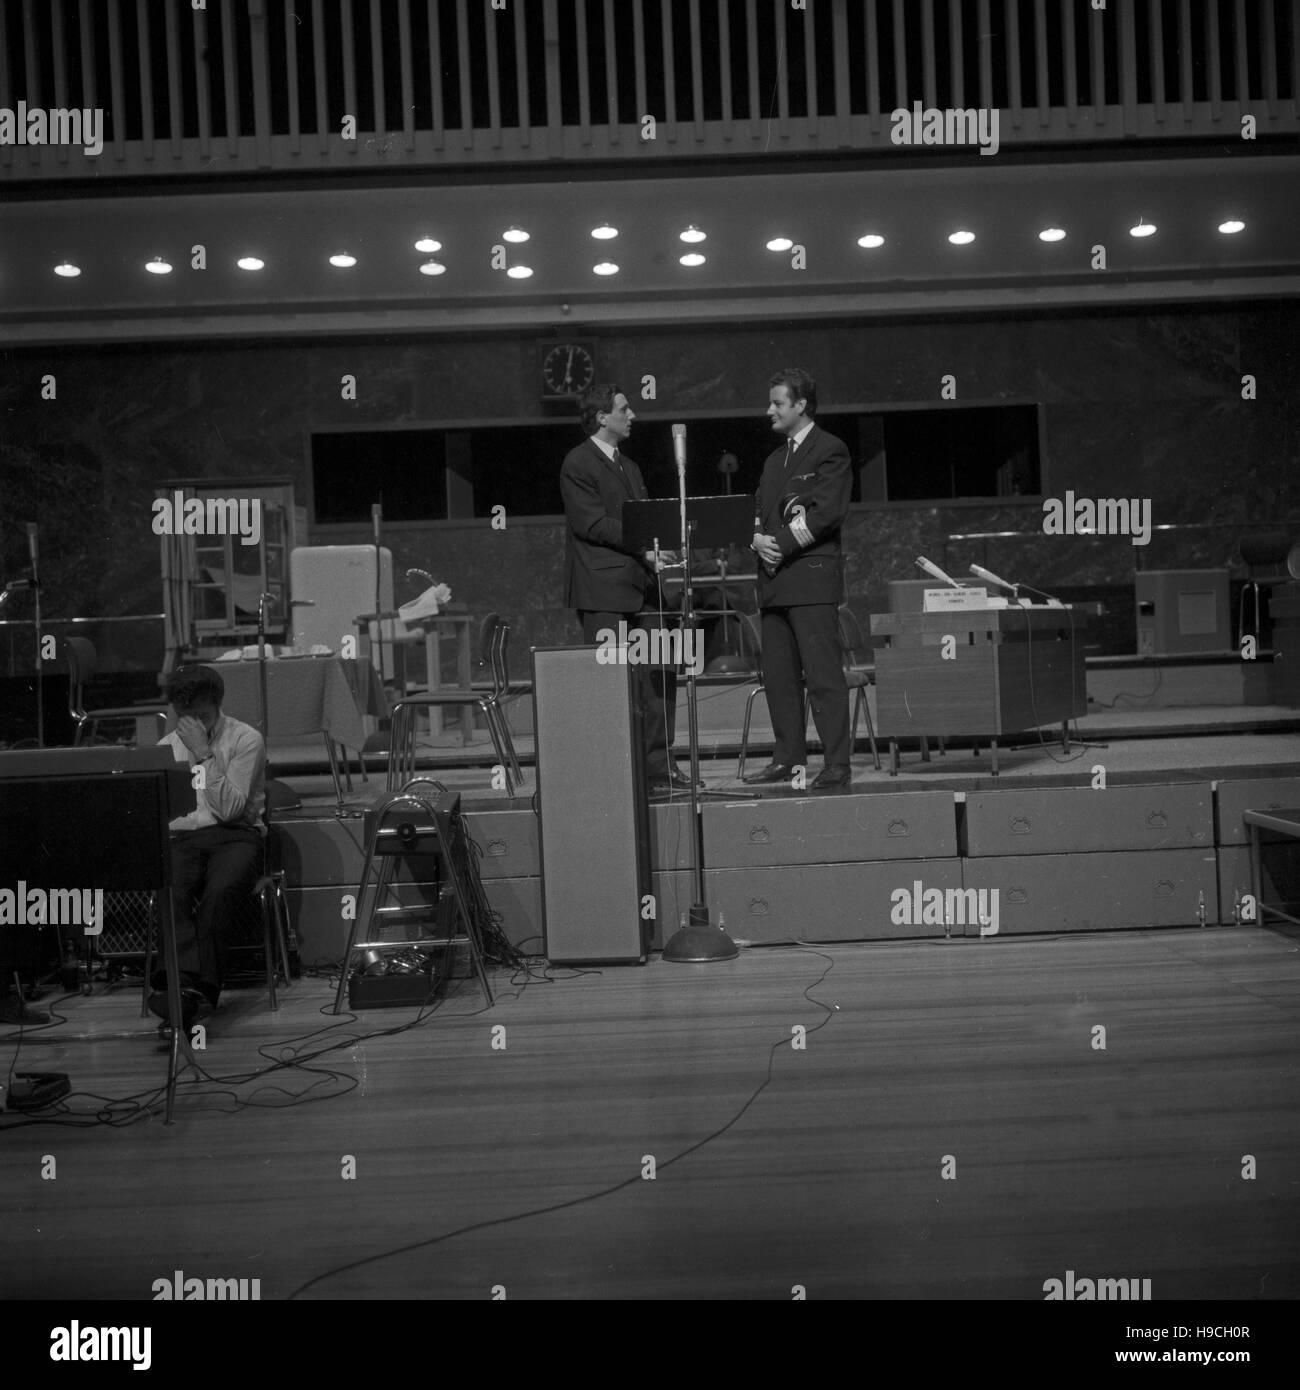 Szenenfoto aus Einer Produktion des Schulfunks Beim NDR in Hamburg, Deutschland, 1960er Jahre. Szene aus Bildungsfernsehen beim Norddeutscher Rundfunk in Hamburg, Deutschland der 1960er Jahre. Stockfoto